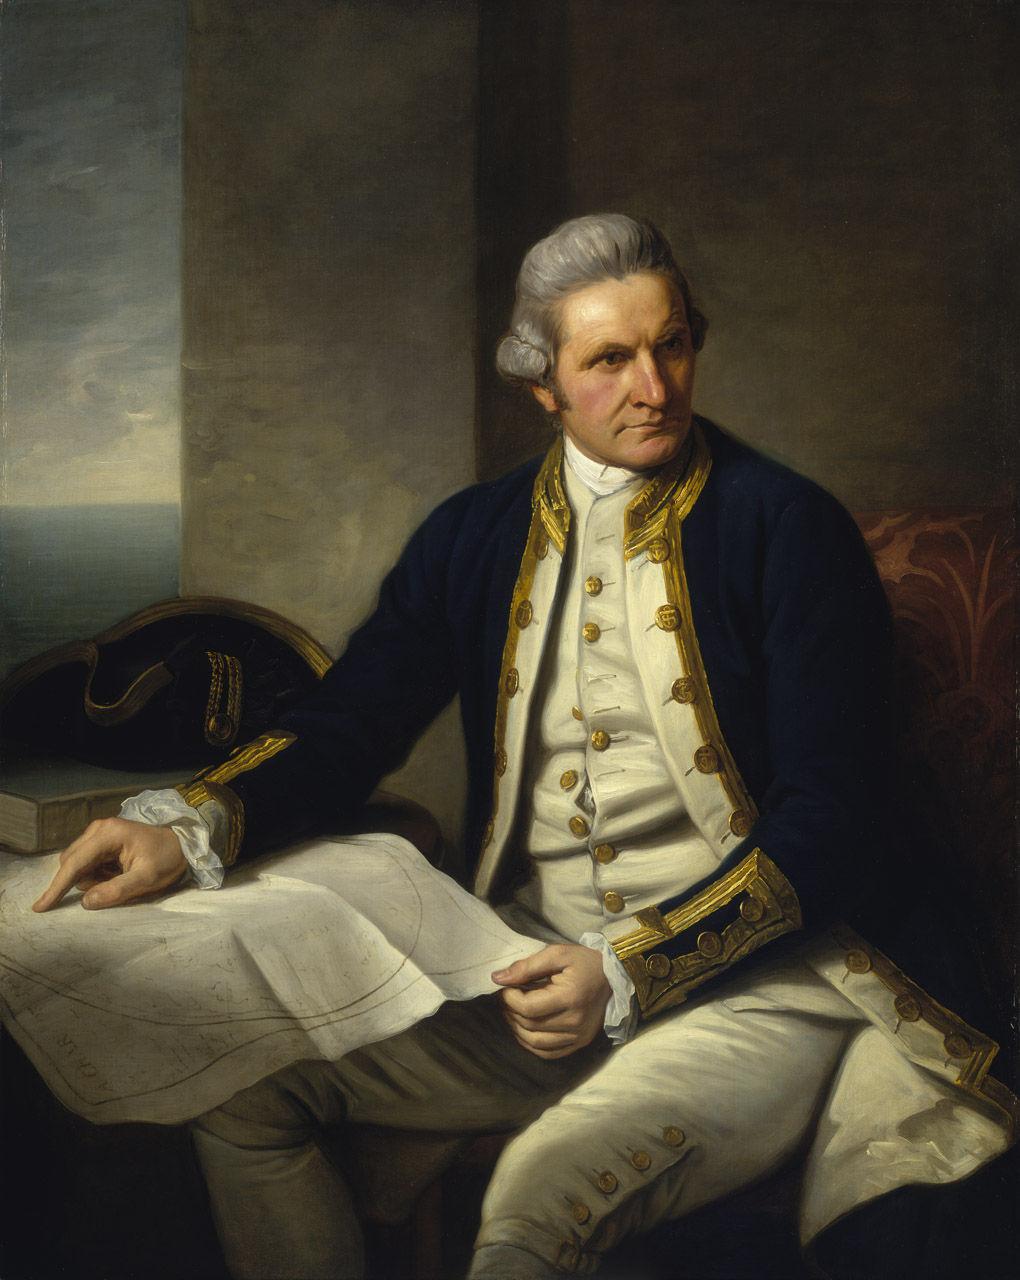 ¿Dónde murió James Cook, posiblemente el explorador y cartógrafo europeo con mayor legado en las islas del Pacífico?